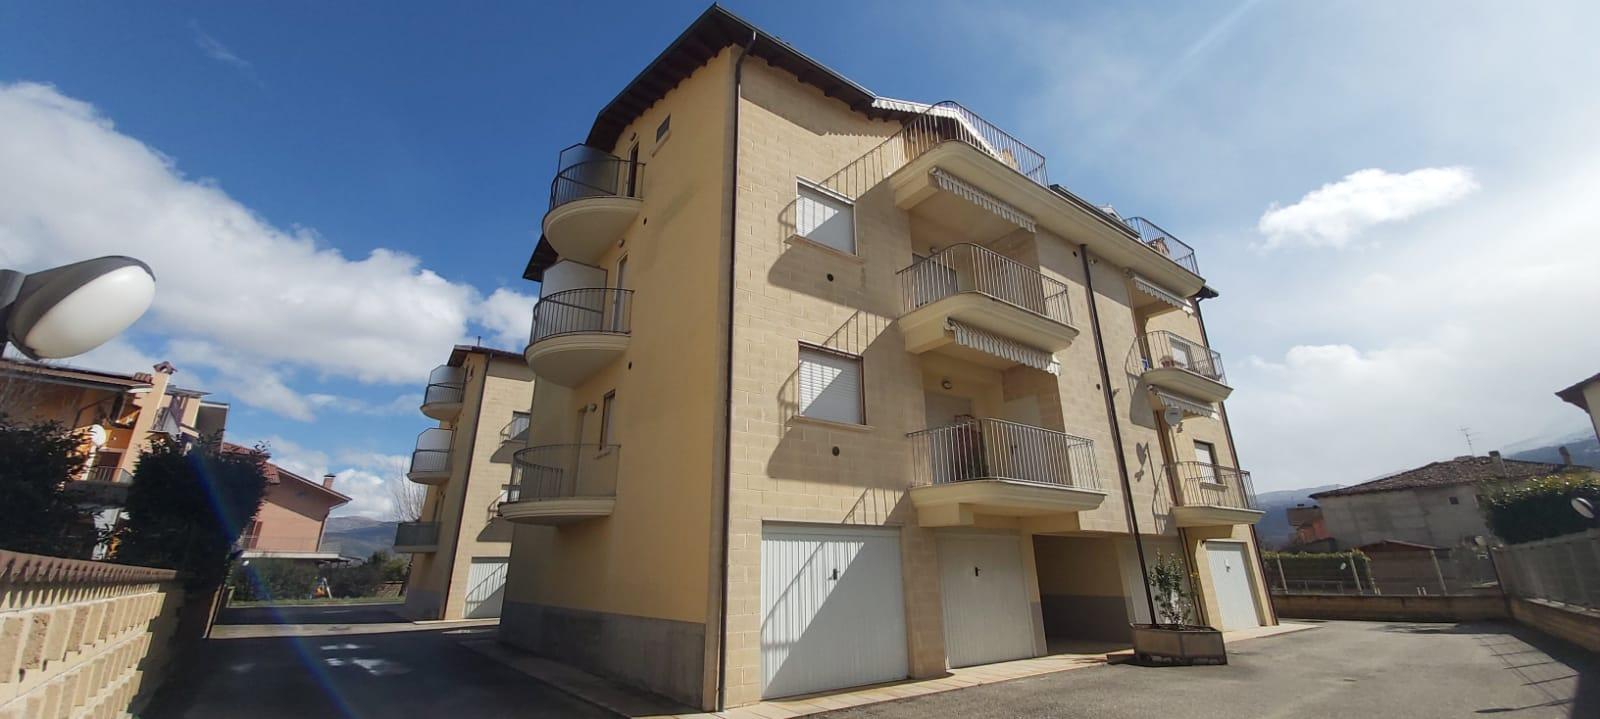 Appartamento in vendita a L'Aquila, 3 locali, zona Località: Mausonia, prezzo € 125.000 | PortaleAgenzieImmobiliari.it